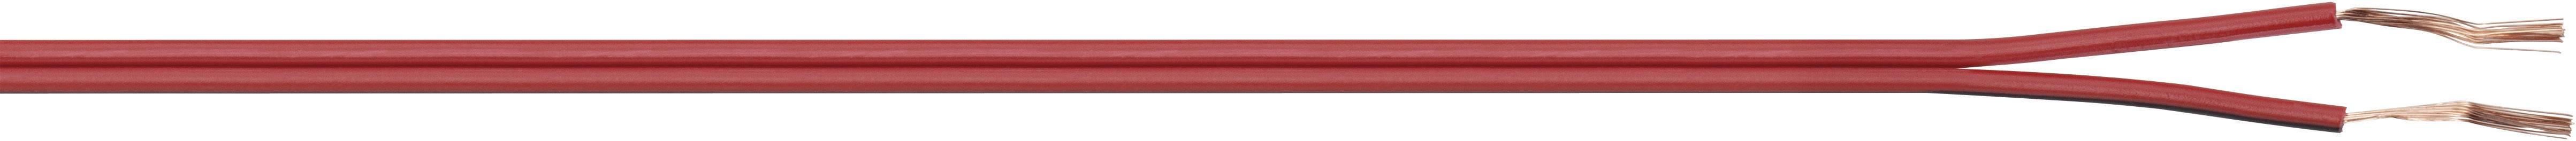 Licna LappKabel 49900248, 2x 2,5 mm², PVC, 1 m, červená/červenočerná